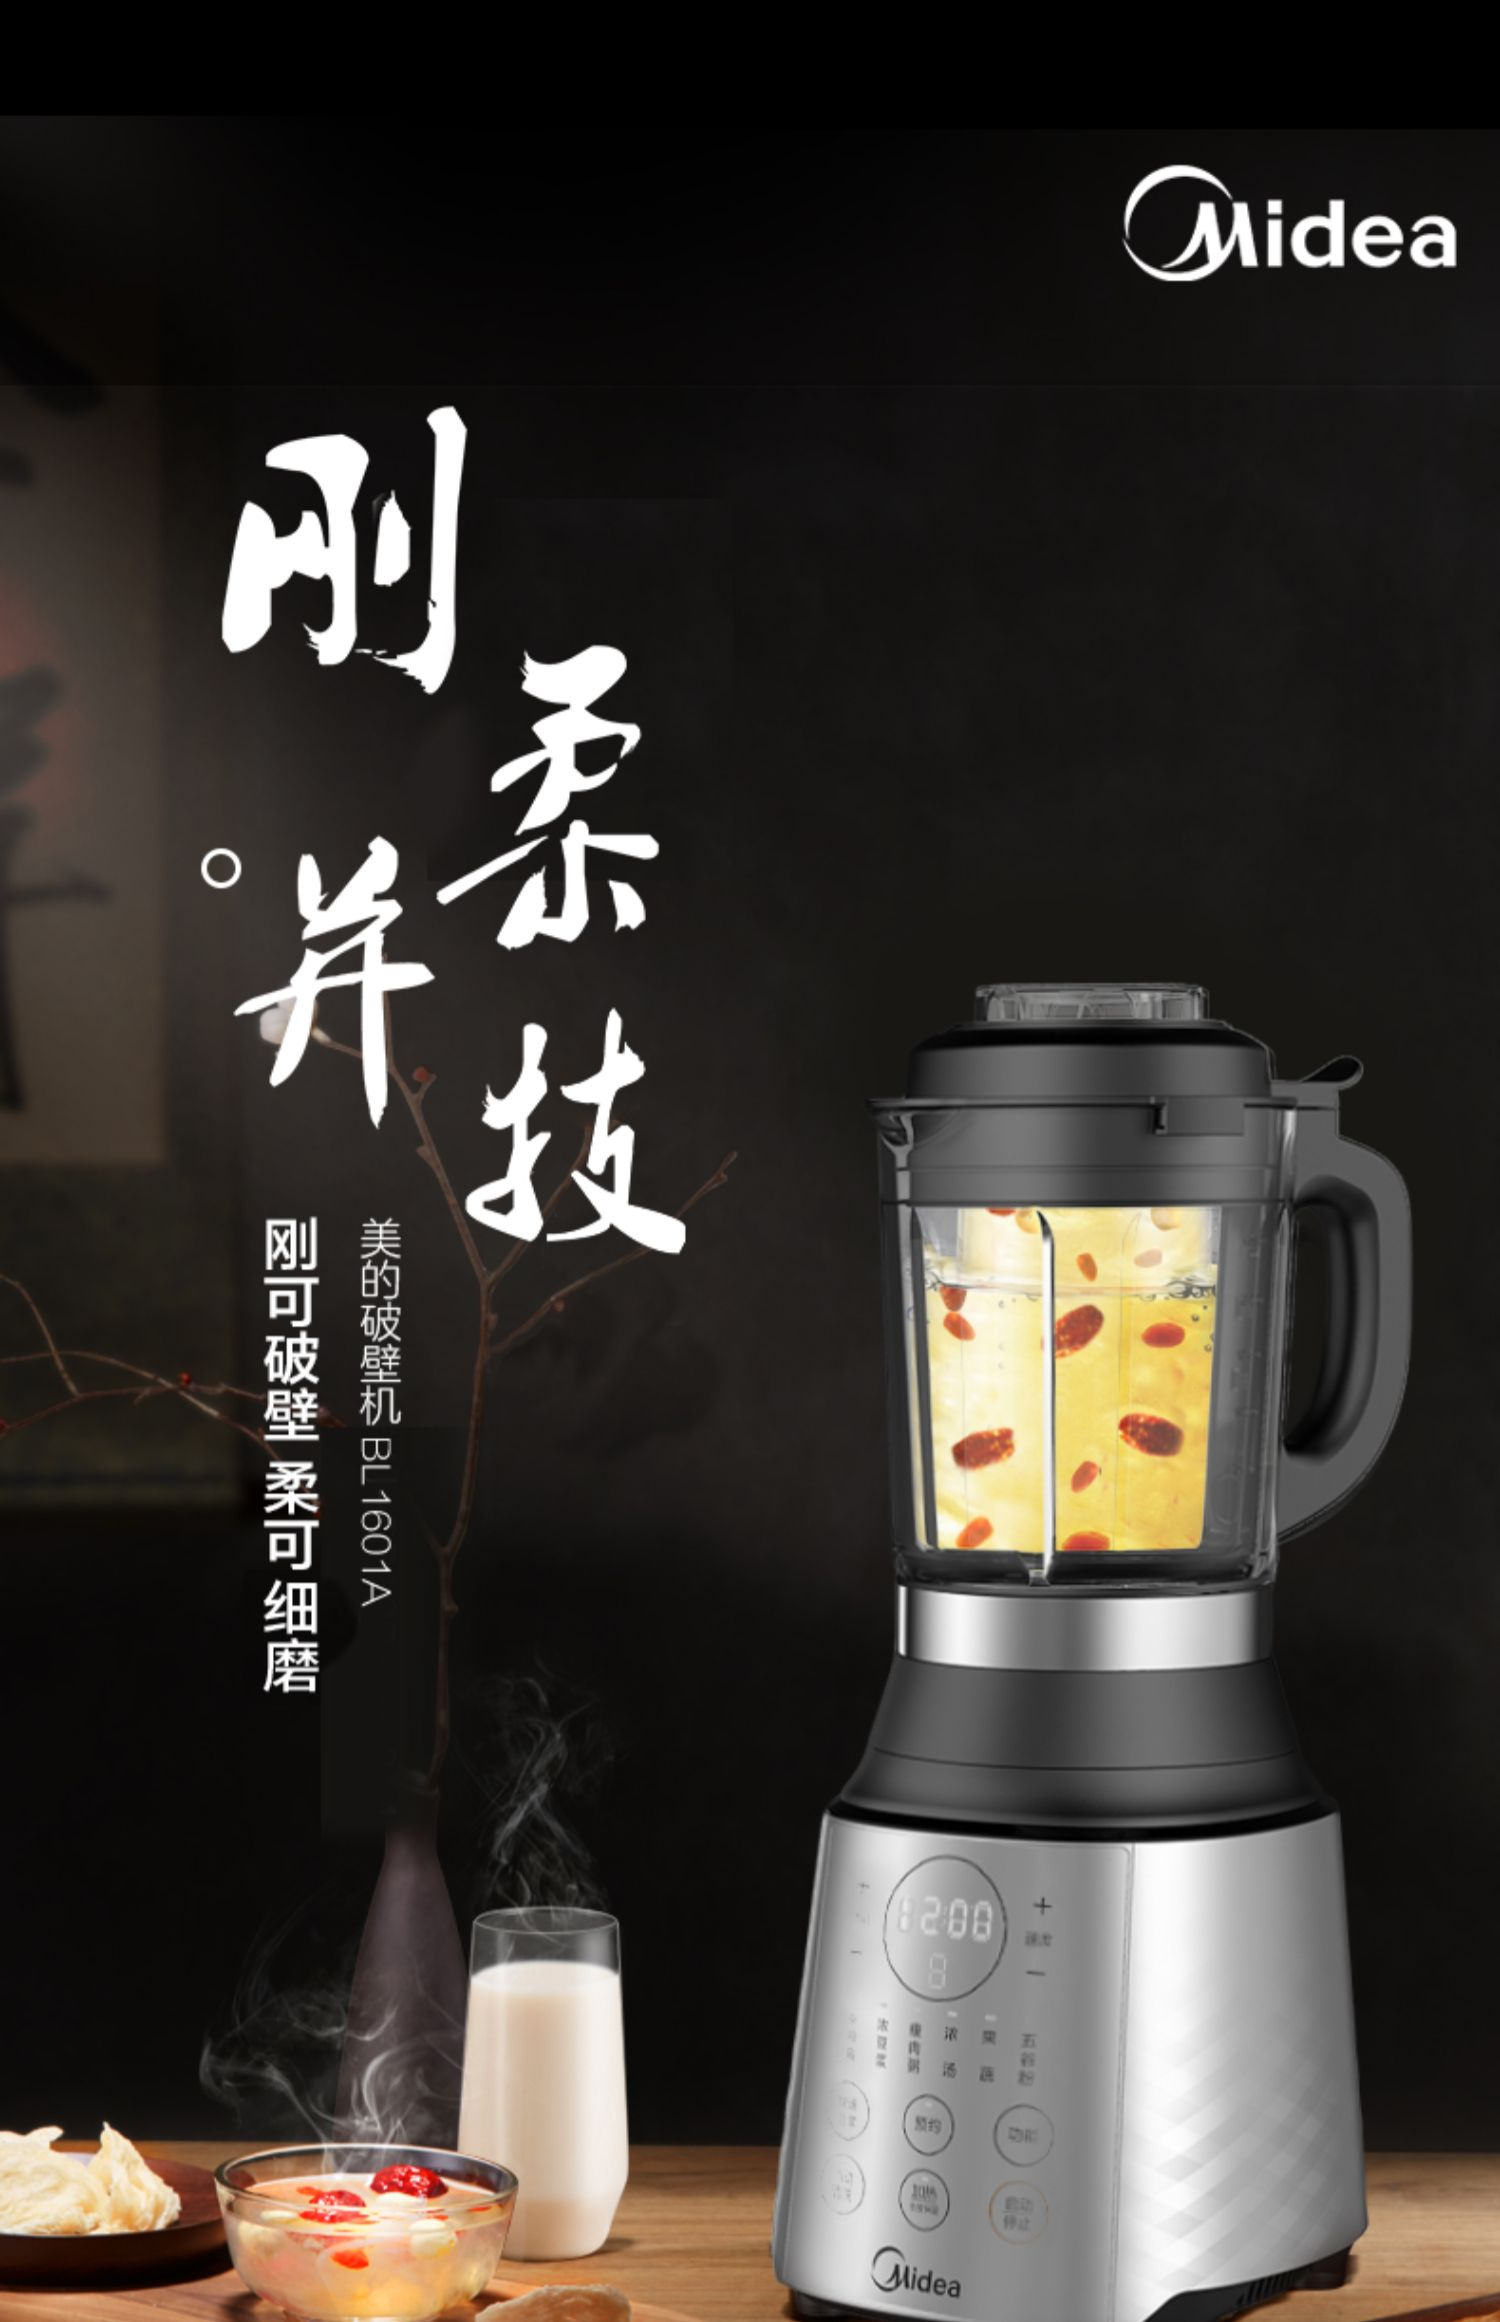 美的静音加热破壁机家用多功能料理搅拌果汁机榨汁养生辅食机1061商品详情图